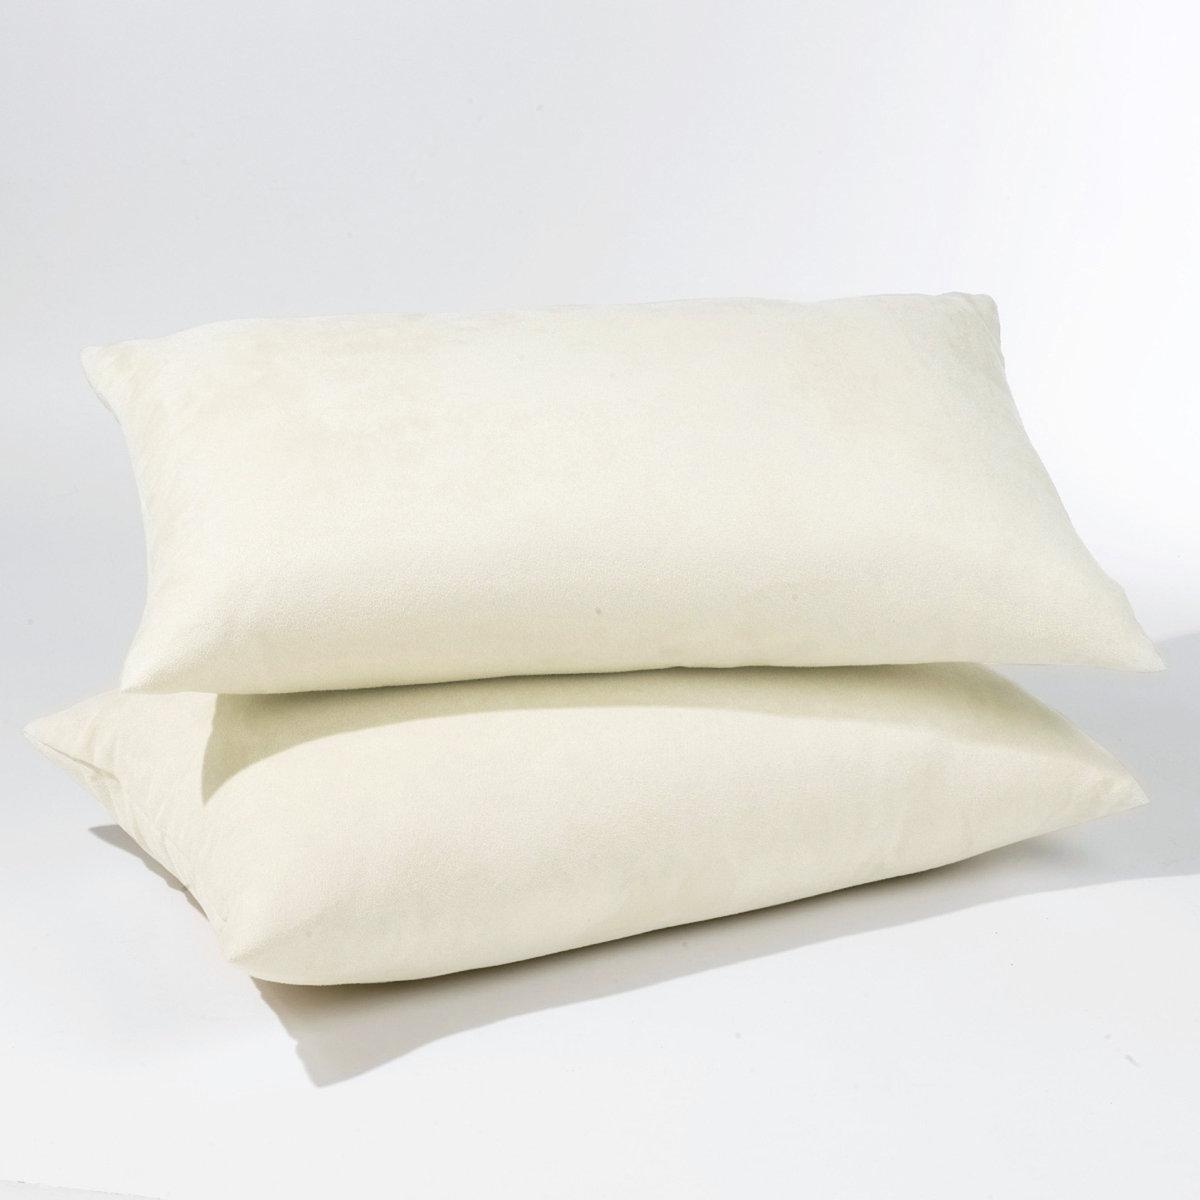 Комплект из 2 чехлов для подушек из поликоттонаХарактеристики чехлов для подушек из поликоттона для раскладных диванов:Качество VALEUR SURE, плотная ткань, 70% хлопка, 30% полиэстера. Скрытая застежка на молнию.  Размеры чехлов для подушек из поликоттона:Аккордеон : 50 x 30 см                                                                                           Книжка : 60 x 40 см<br><br>Цвет: бежевый,гранатовый,серый жемчужный,сине-зеленый,синий индиго,темно-серый,черный,экрю<br>Размер: 60 x 40 см